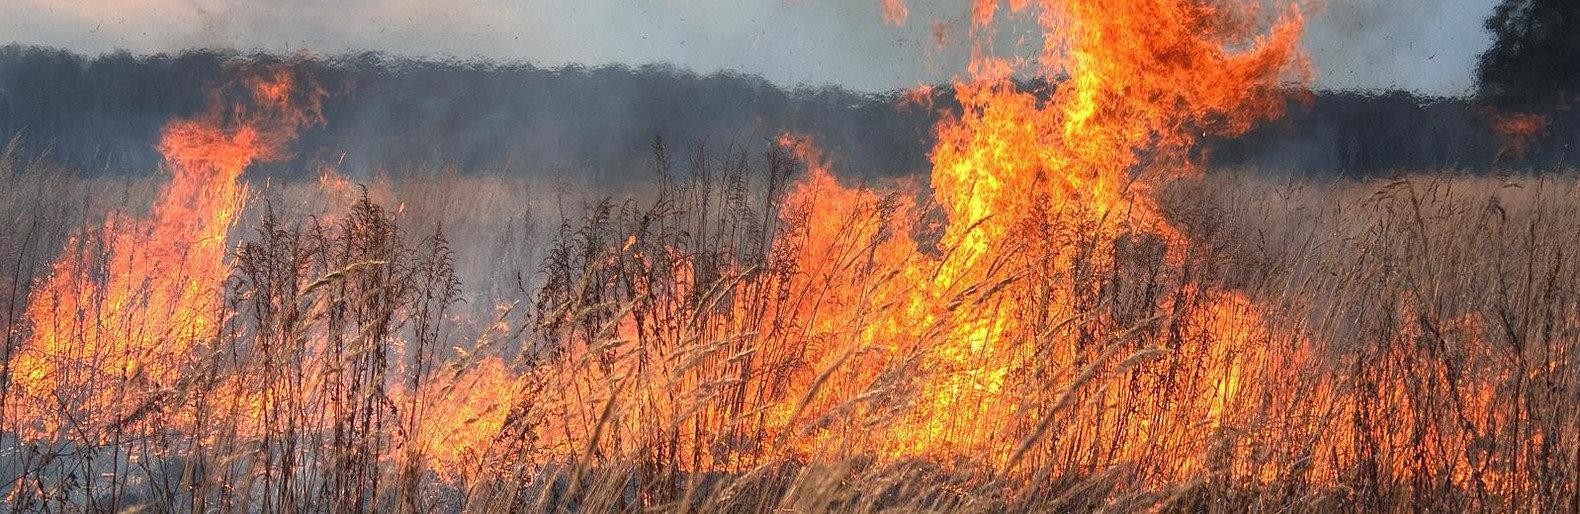 За сутки в Одесской области сгорело 18 га травы и кустарника0